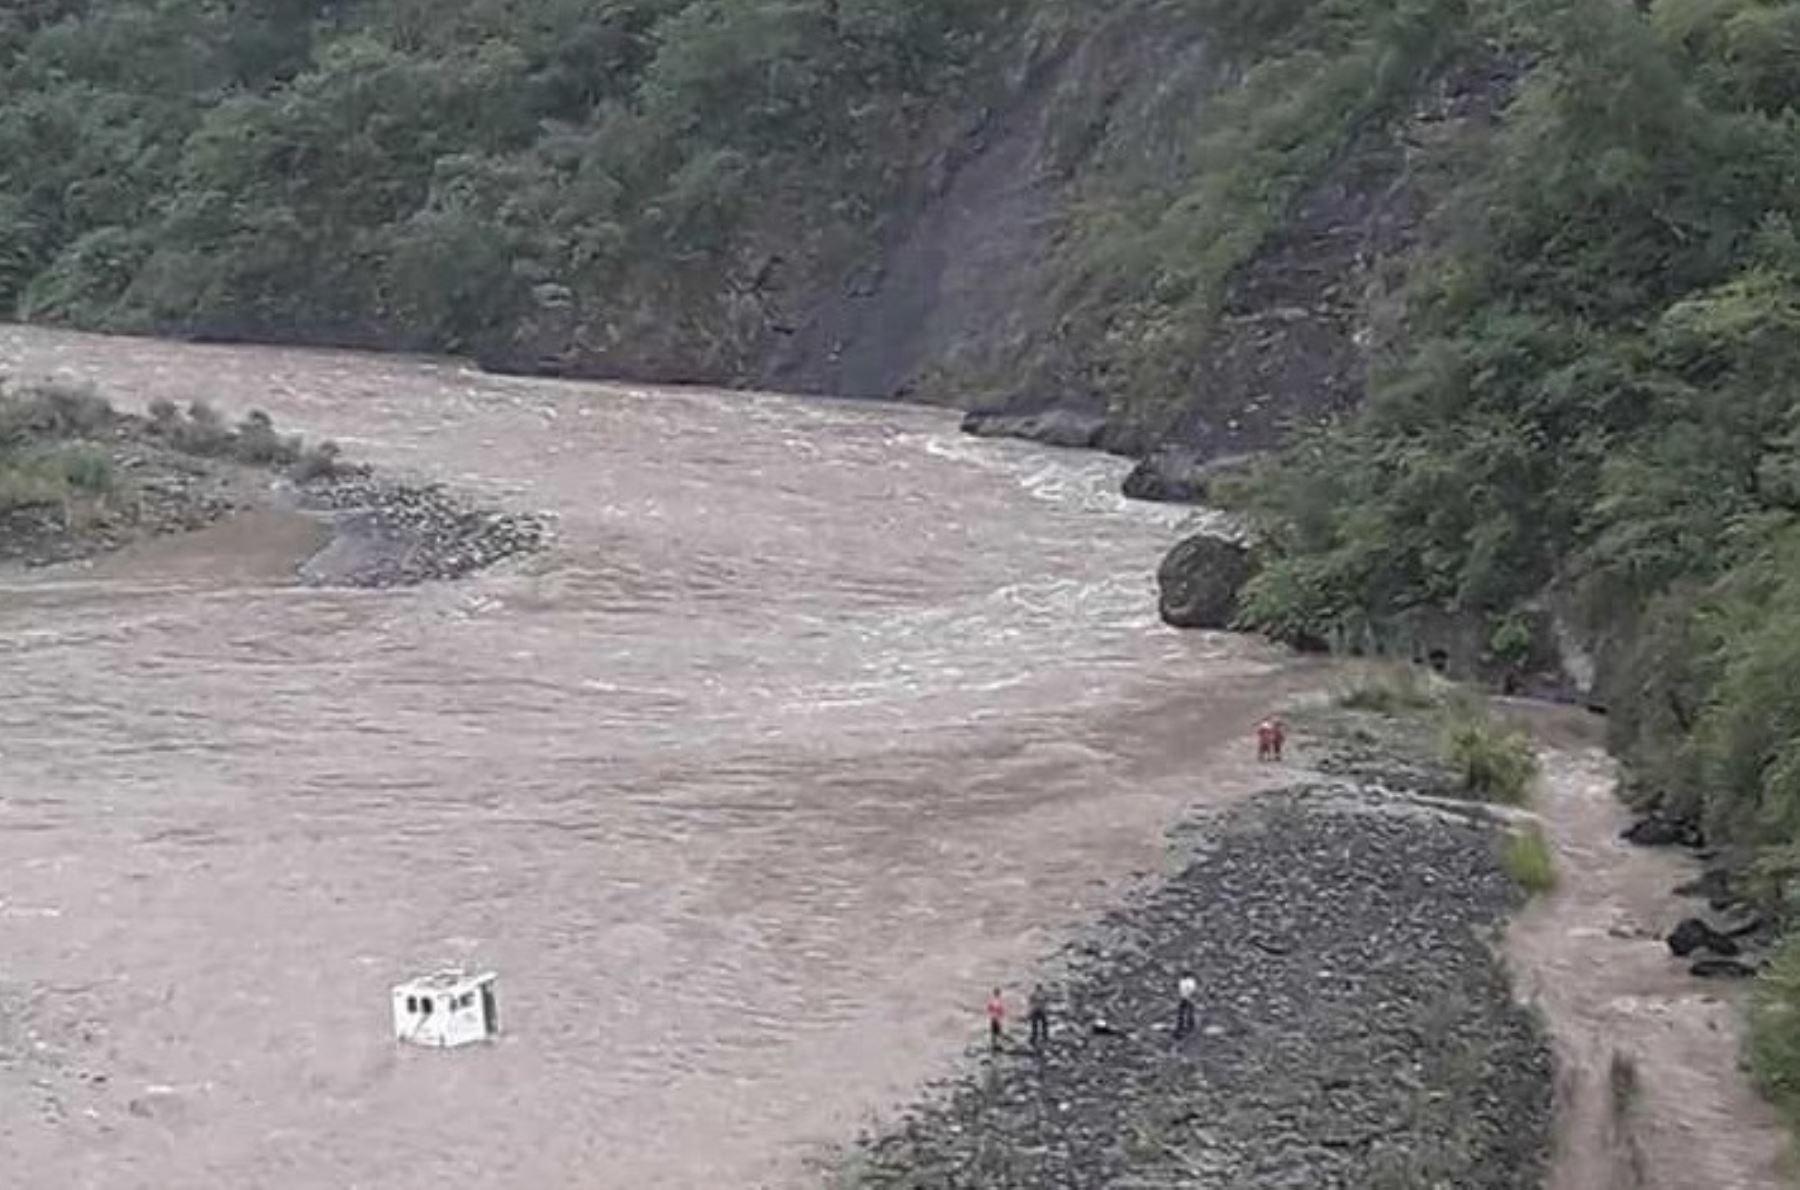 A las 08:00 horas de hoy, el nivel del río Vilcanota en el punto de control hidrológico de Estación Pisac registró un nivel de 2.96 metros, ANDINA/Difusión